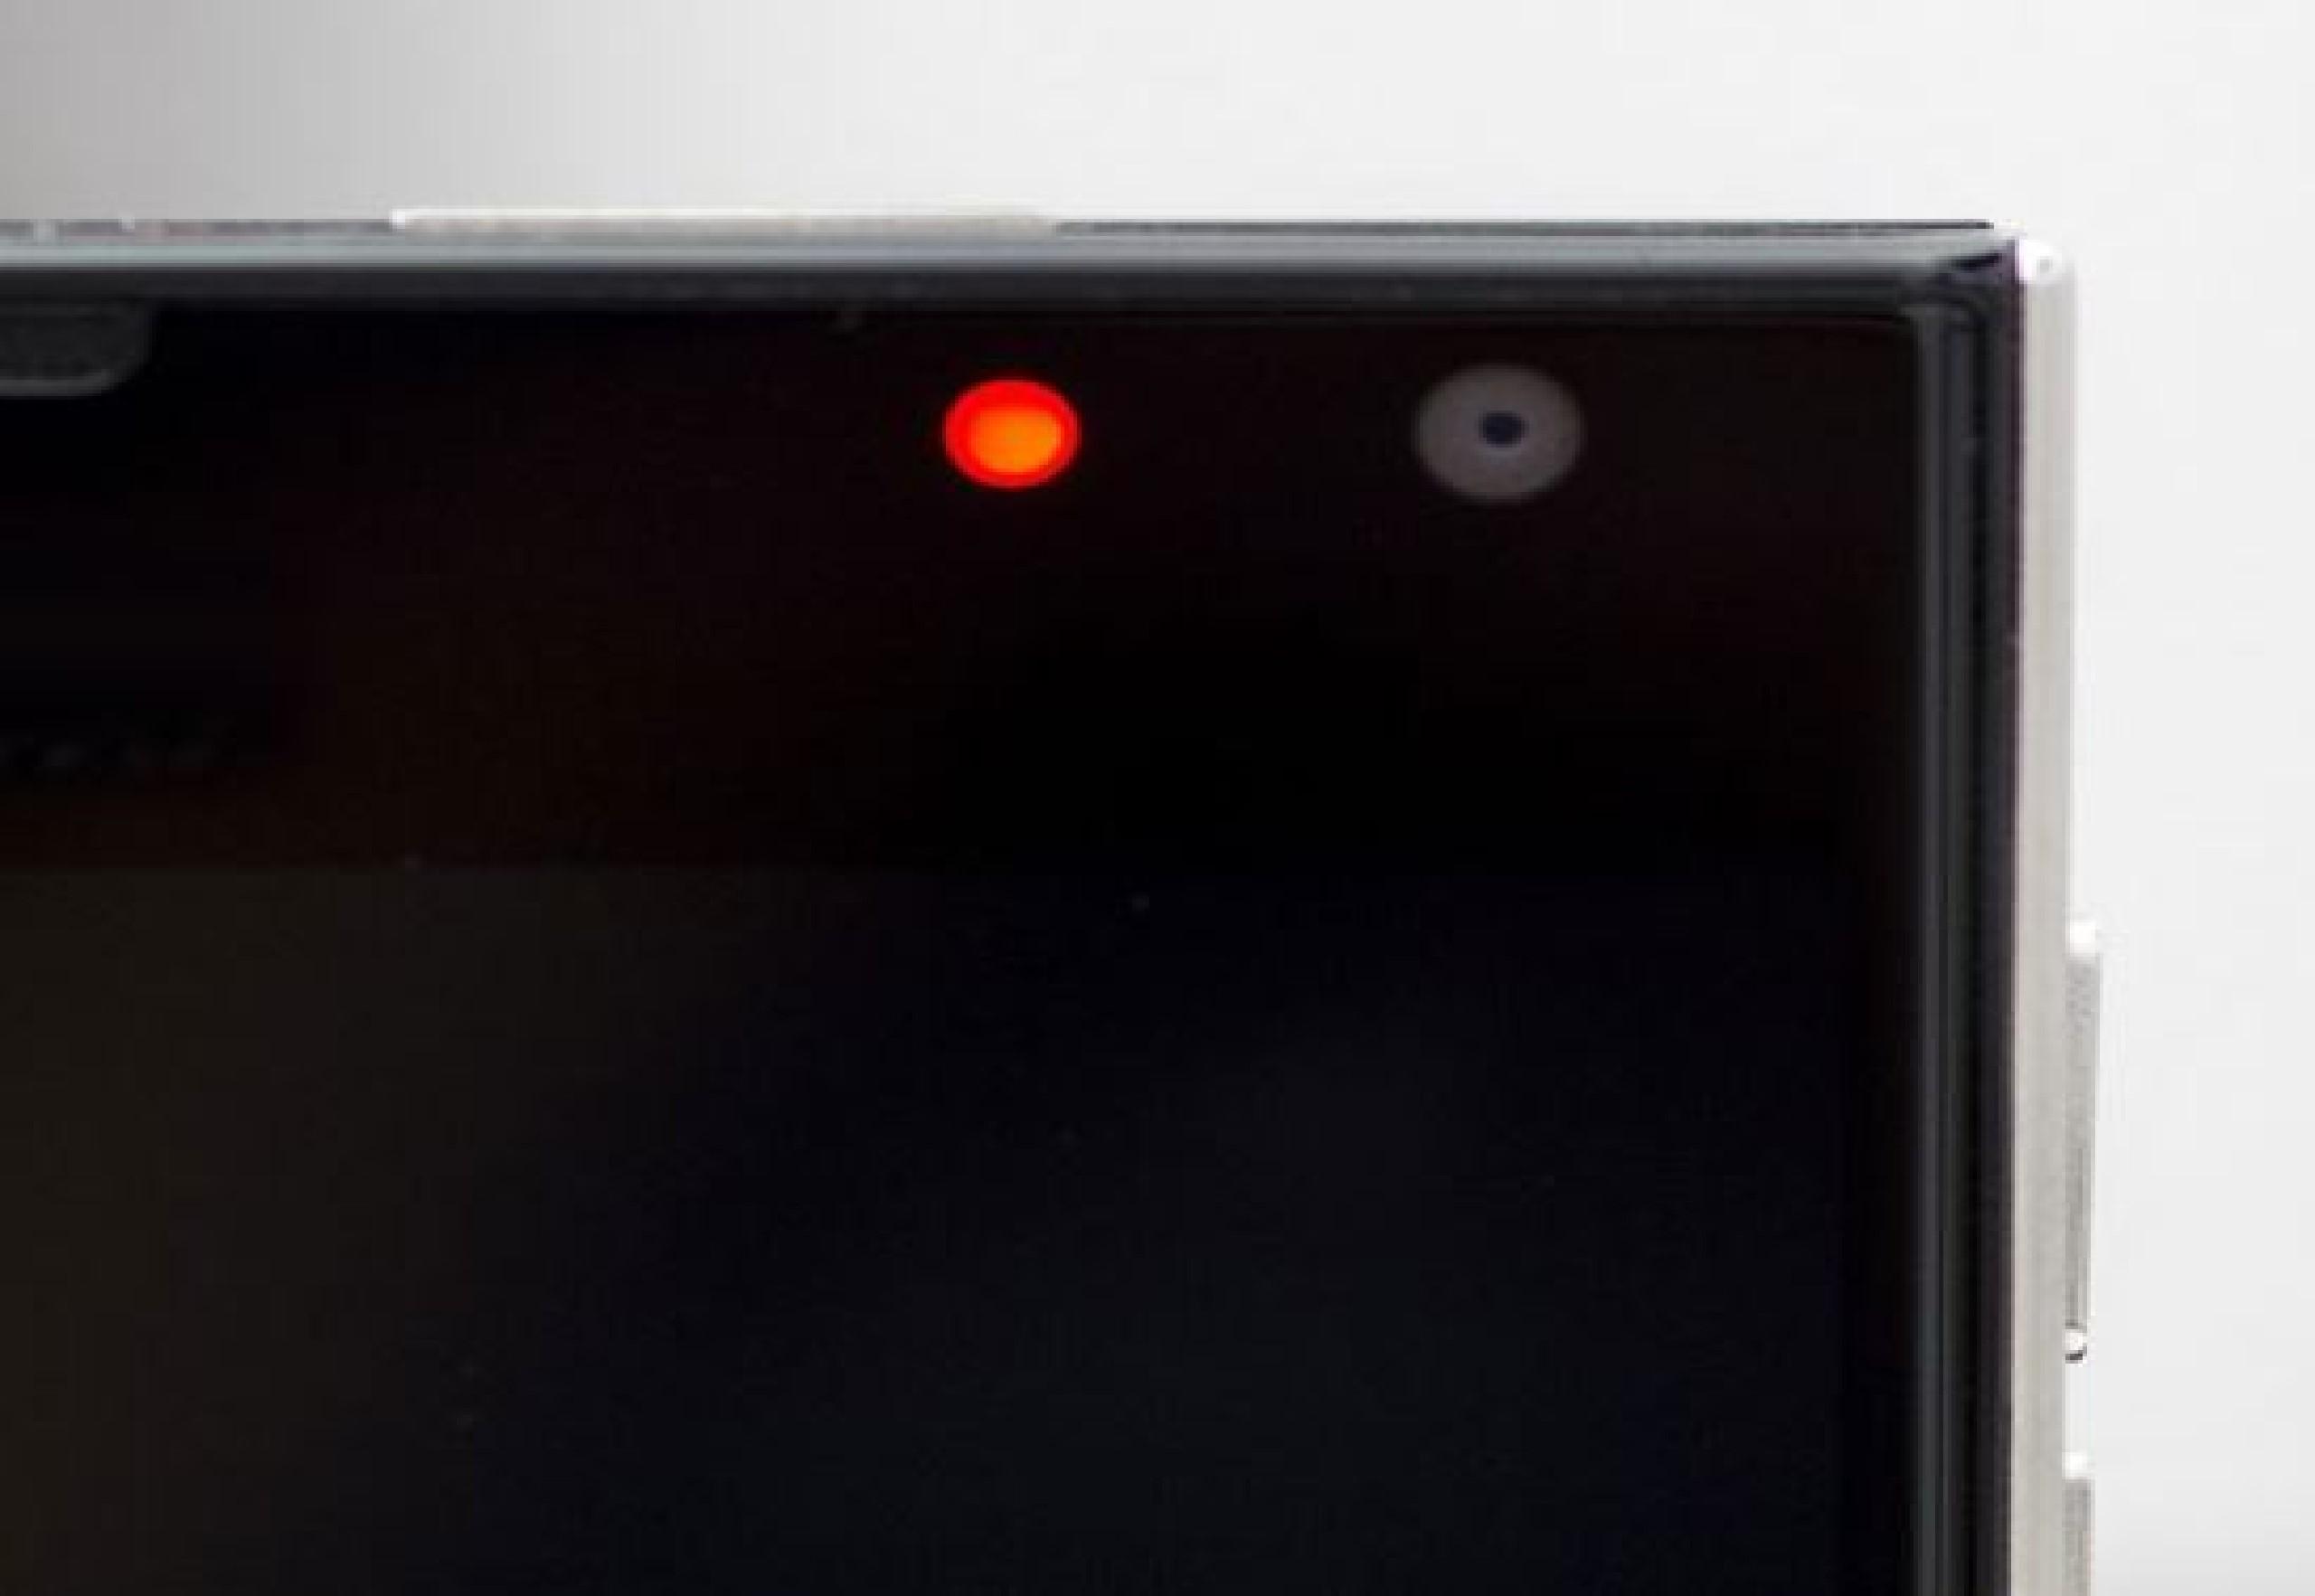 Cómo solucionar el LED rojo